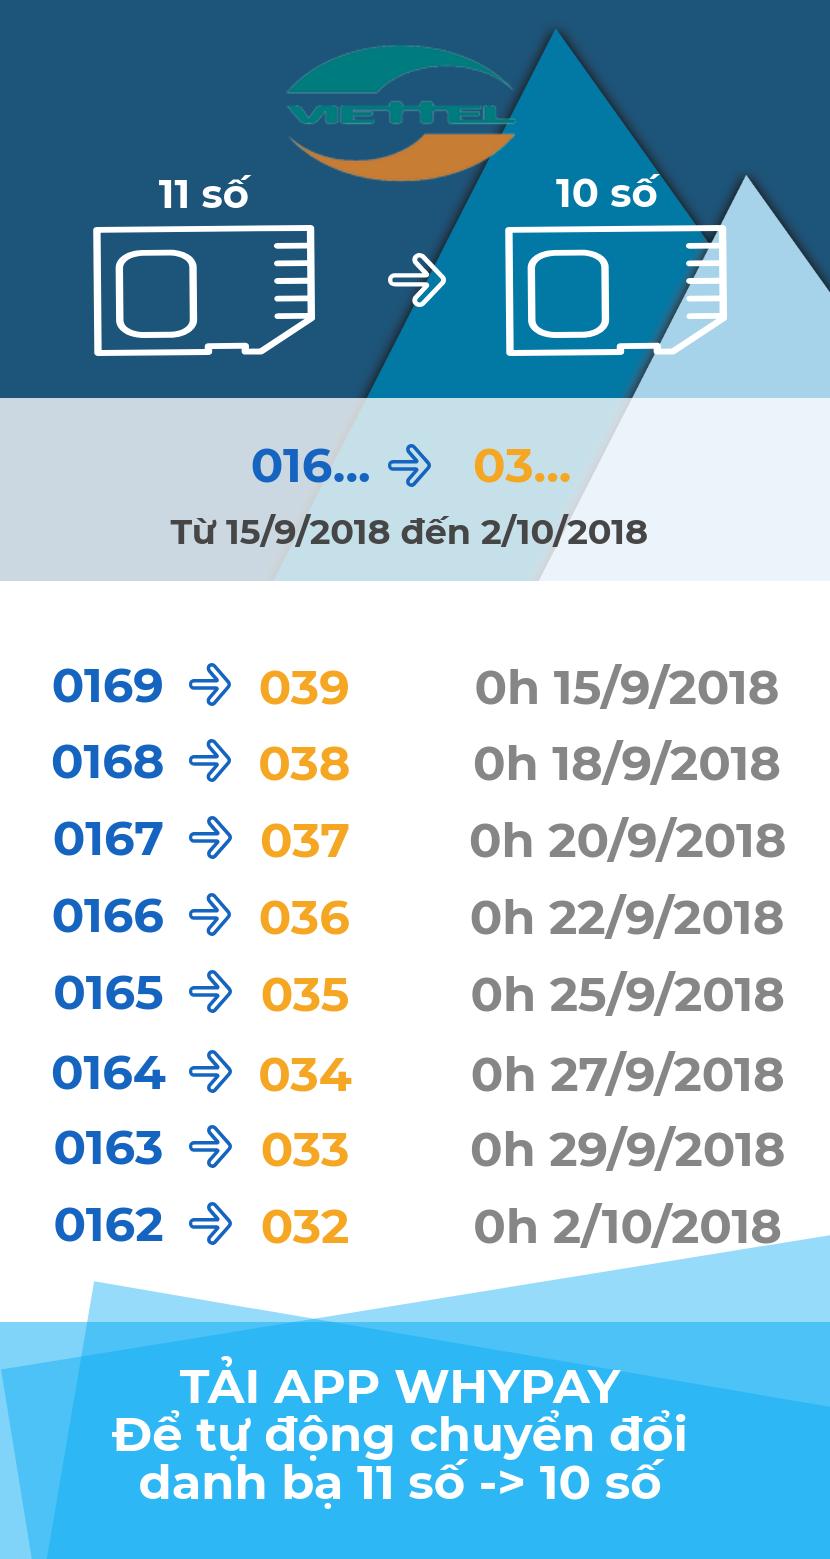 Viettel chuyển đổi SIM 11 số thành 10 số từ 15/9 đến 2/10